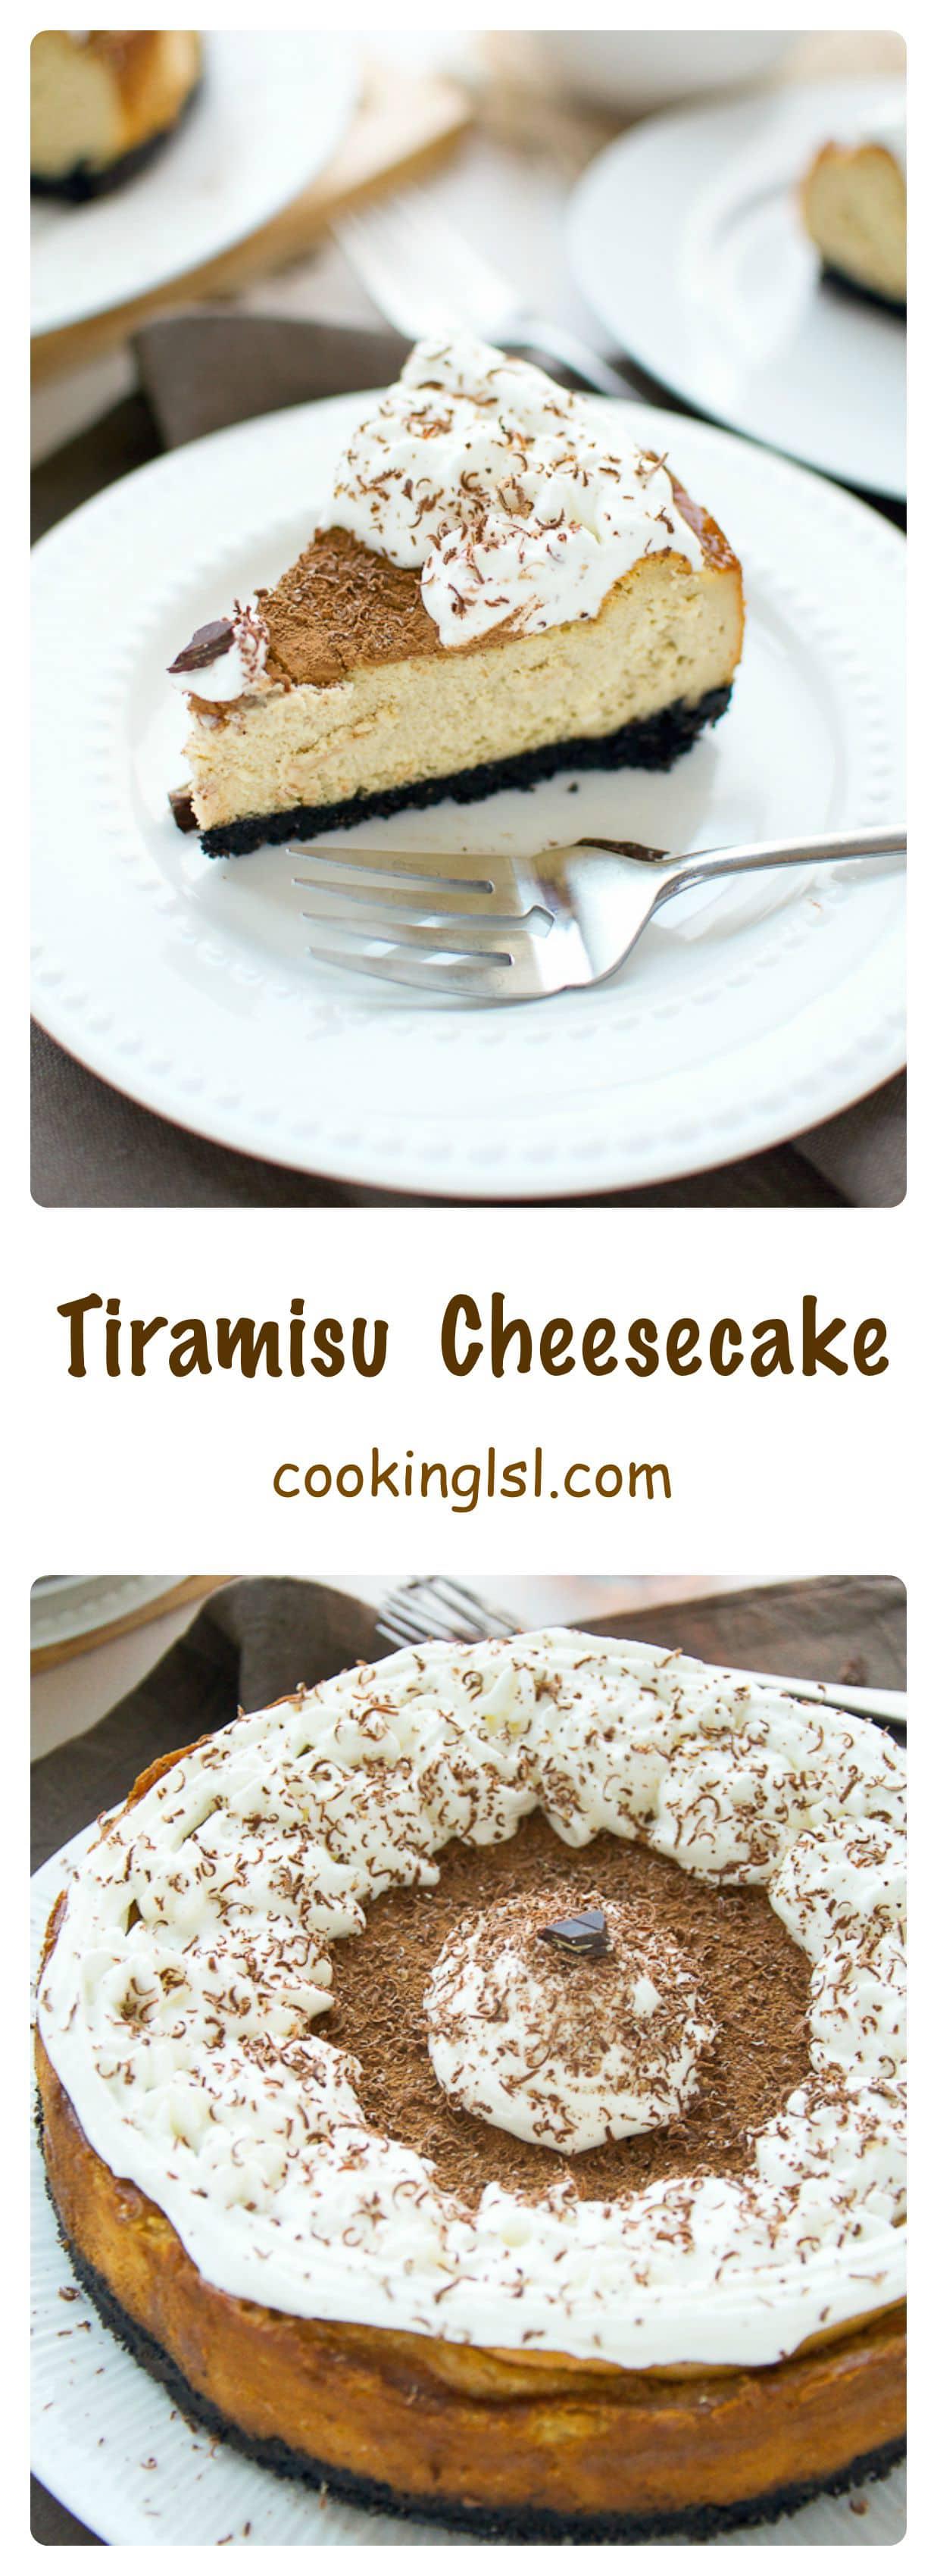 tiramisu-cheesecake-reipe